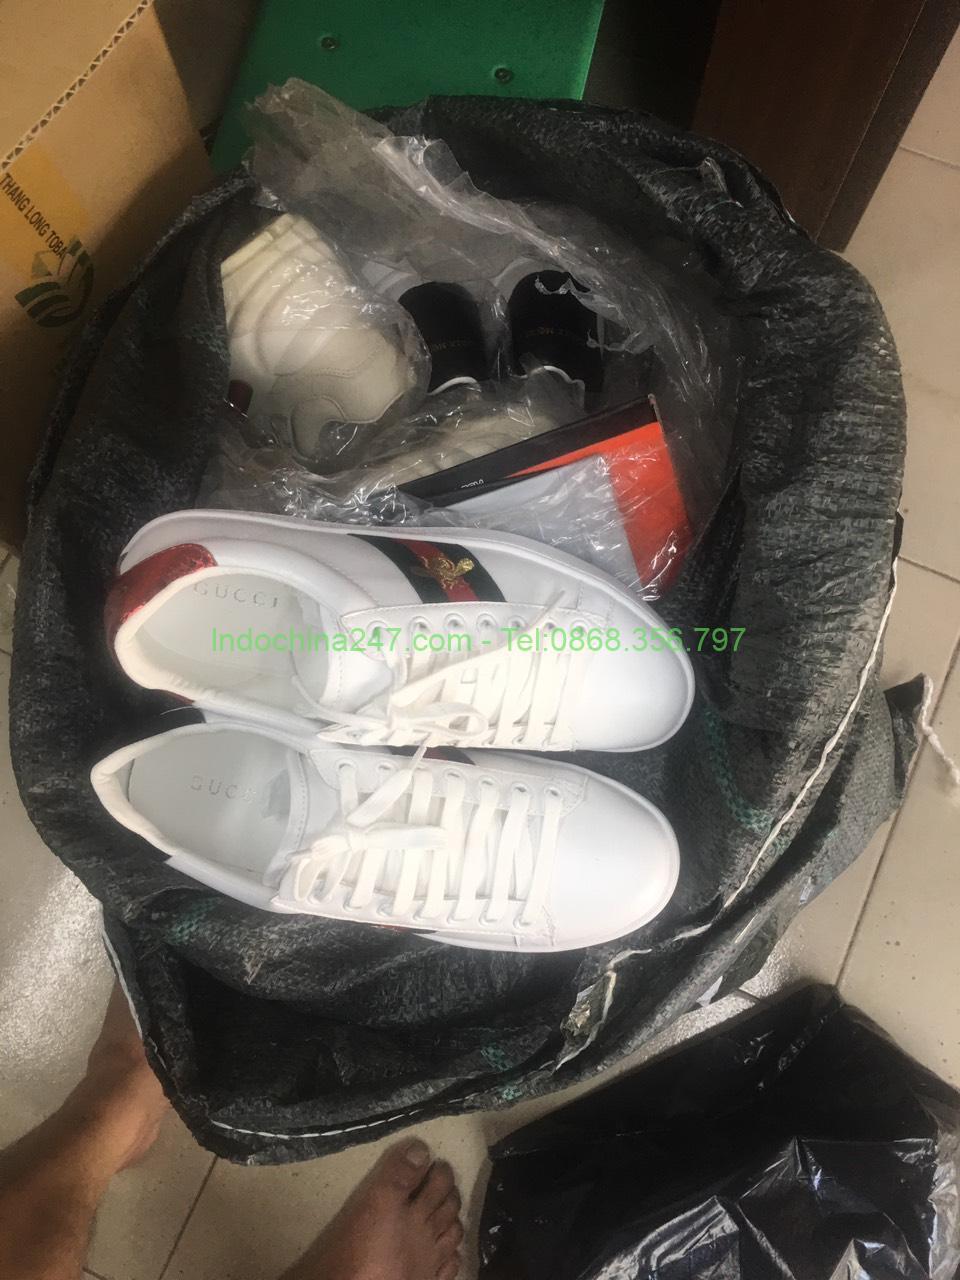 Dịch vụ vận chuyển xách tay hàng quần áo giày fake đi Nhật chuyên nghiệp